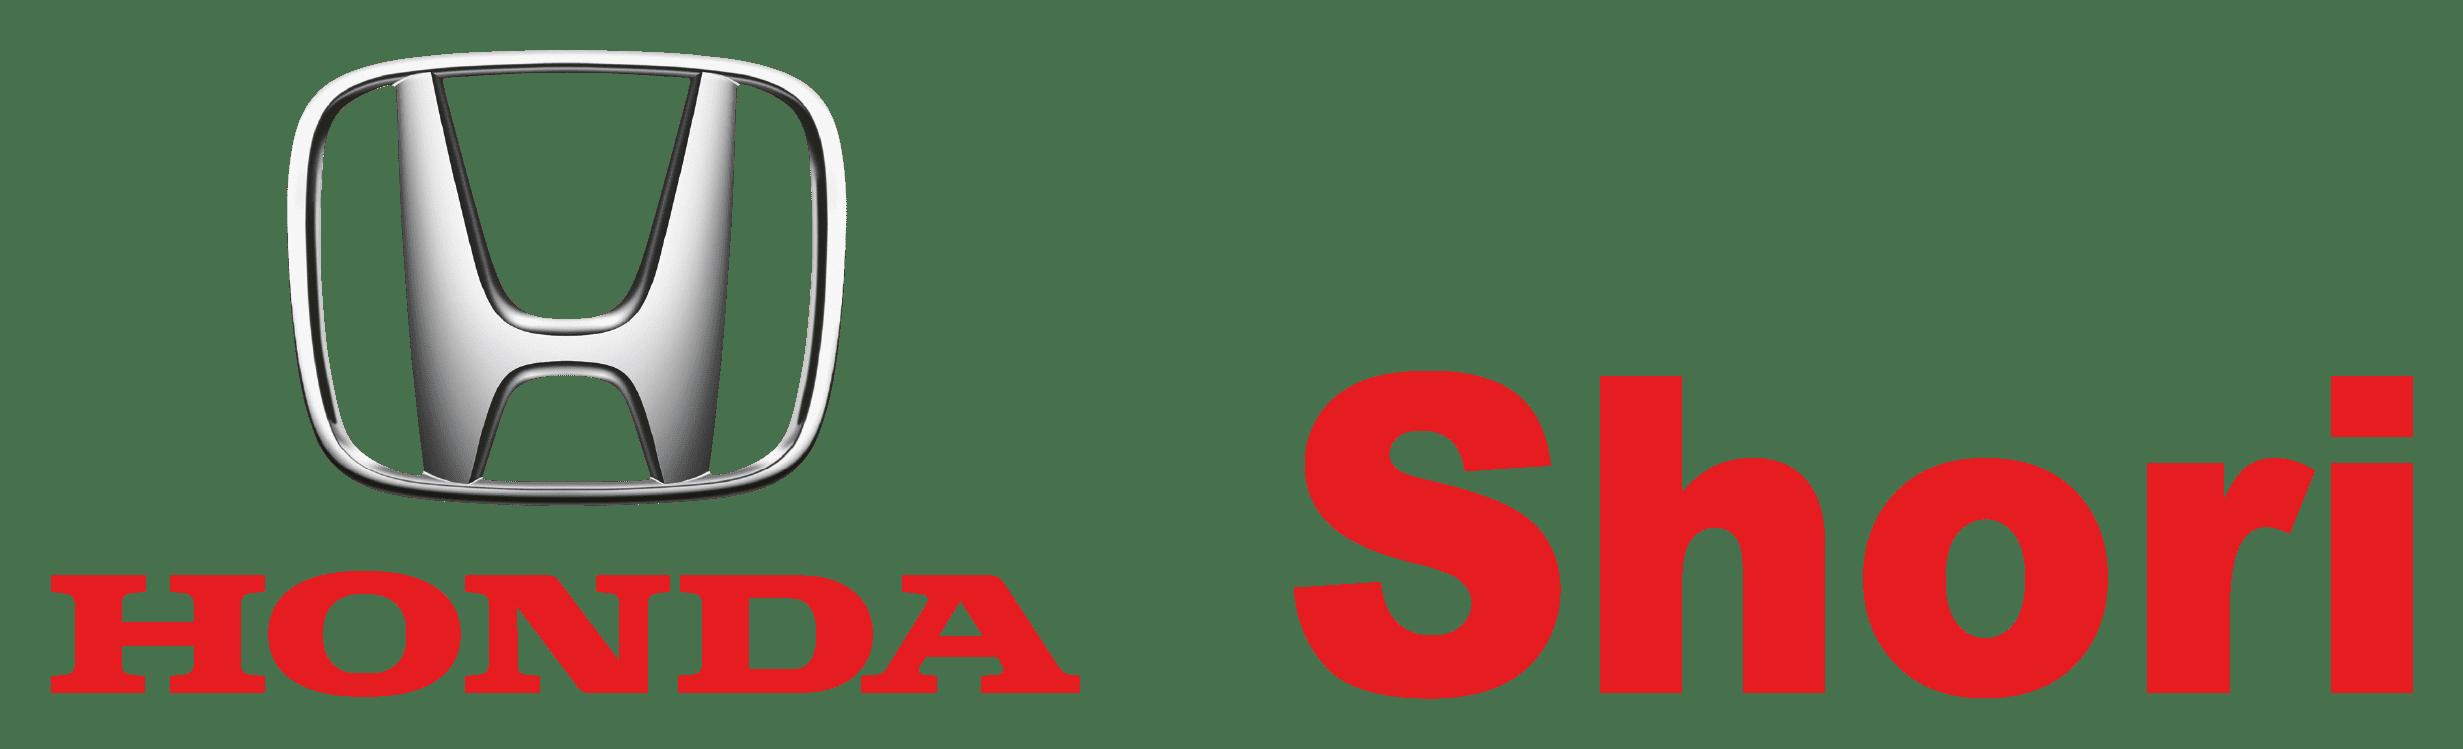 Honda Shori